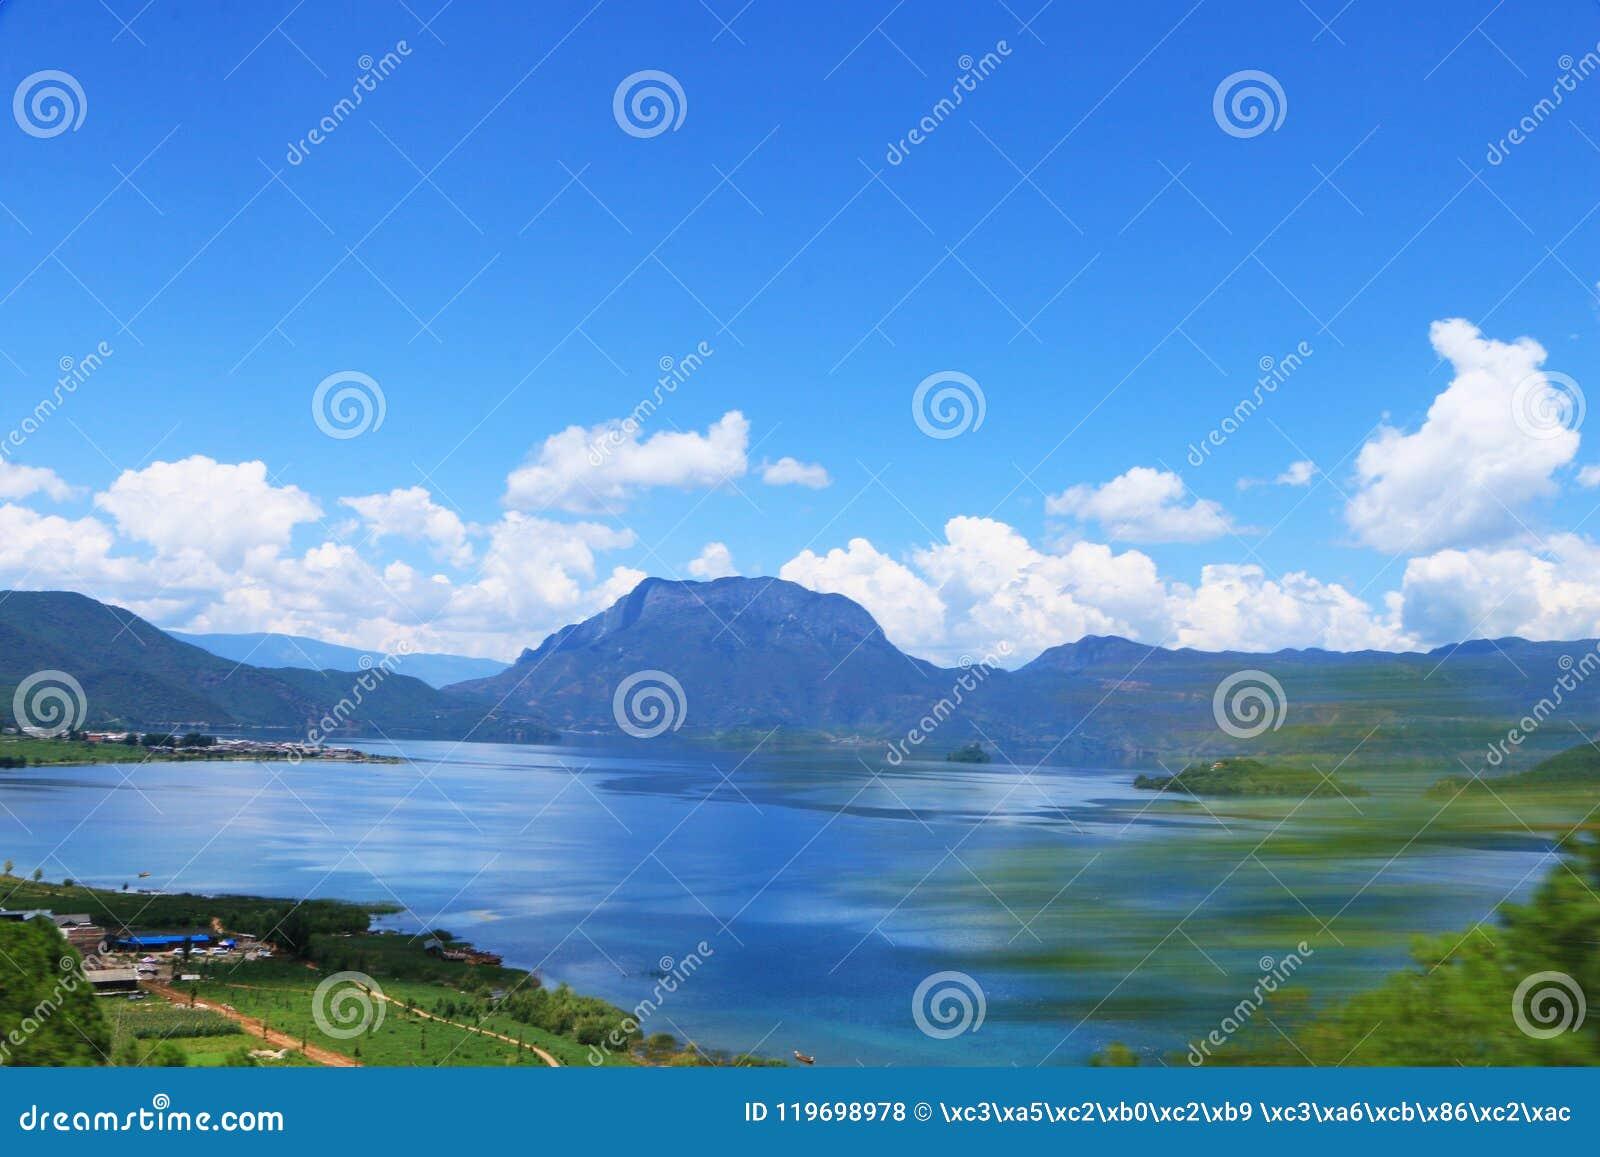 Het Landschap van het Meerdaloshui van Yunnanlijiang Lugu